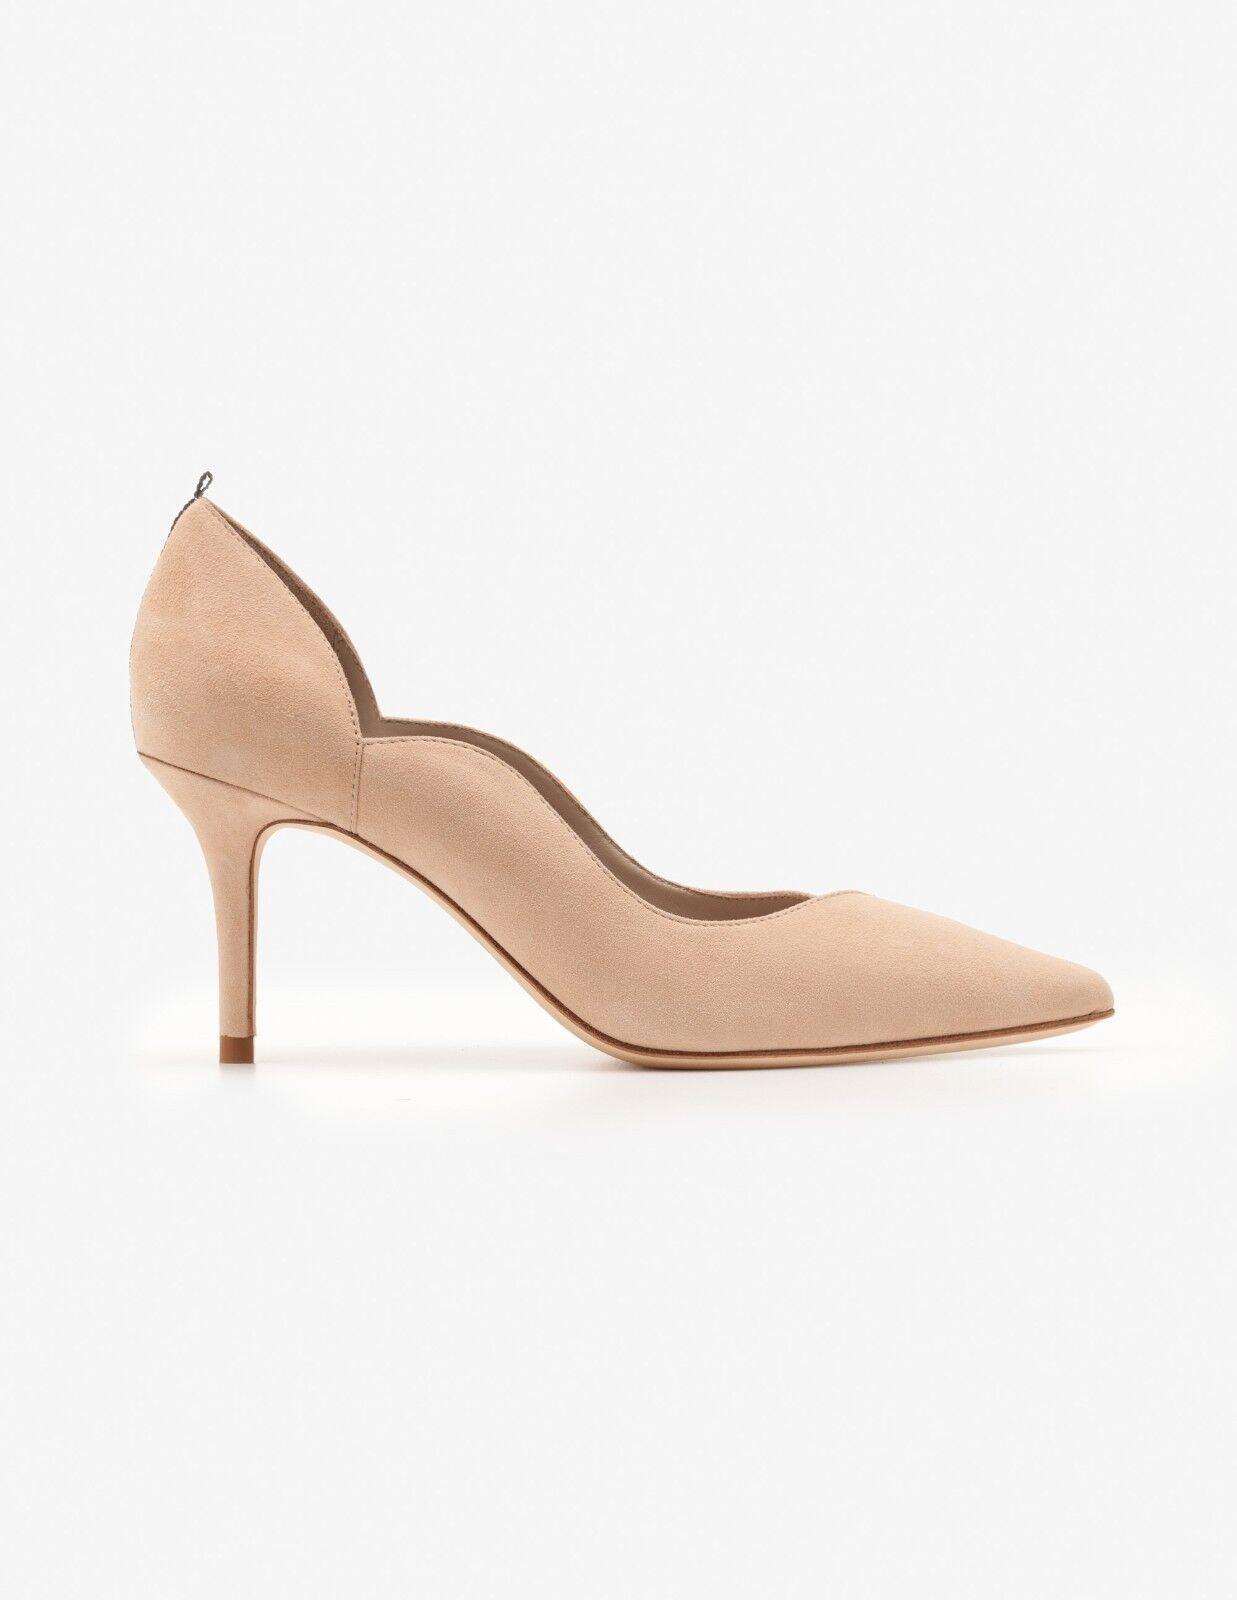 sconto di vendita Boden Donna Madison Court Shoe'S beige Taglia EU 42 42 42 NH06 45 vendite  marca